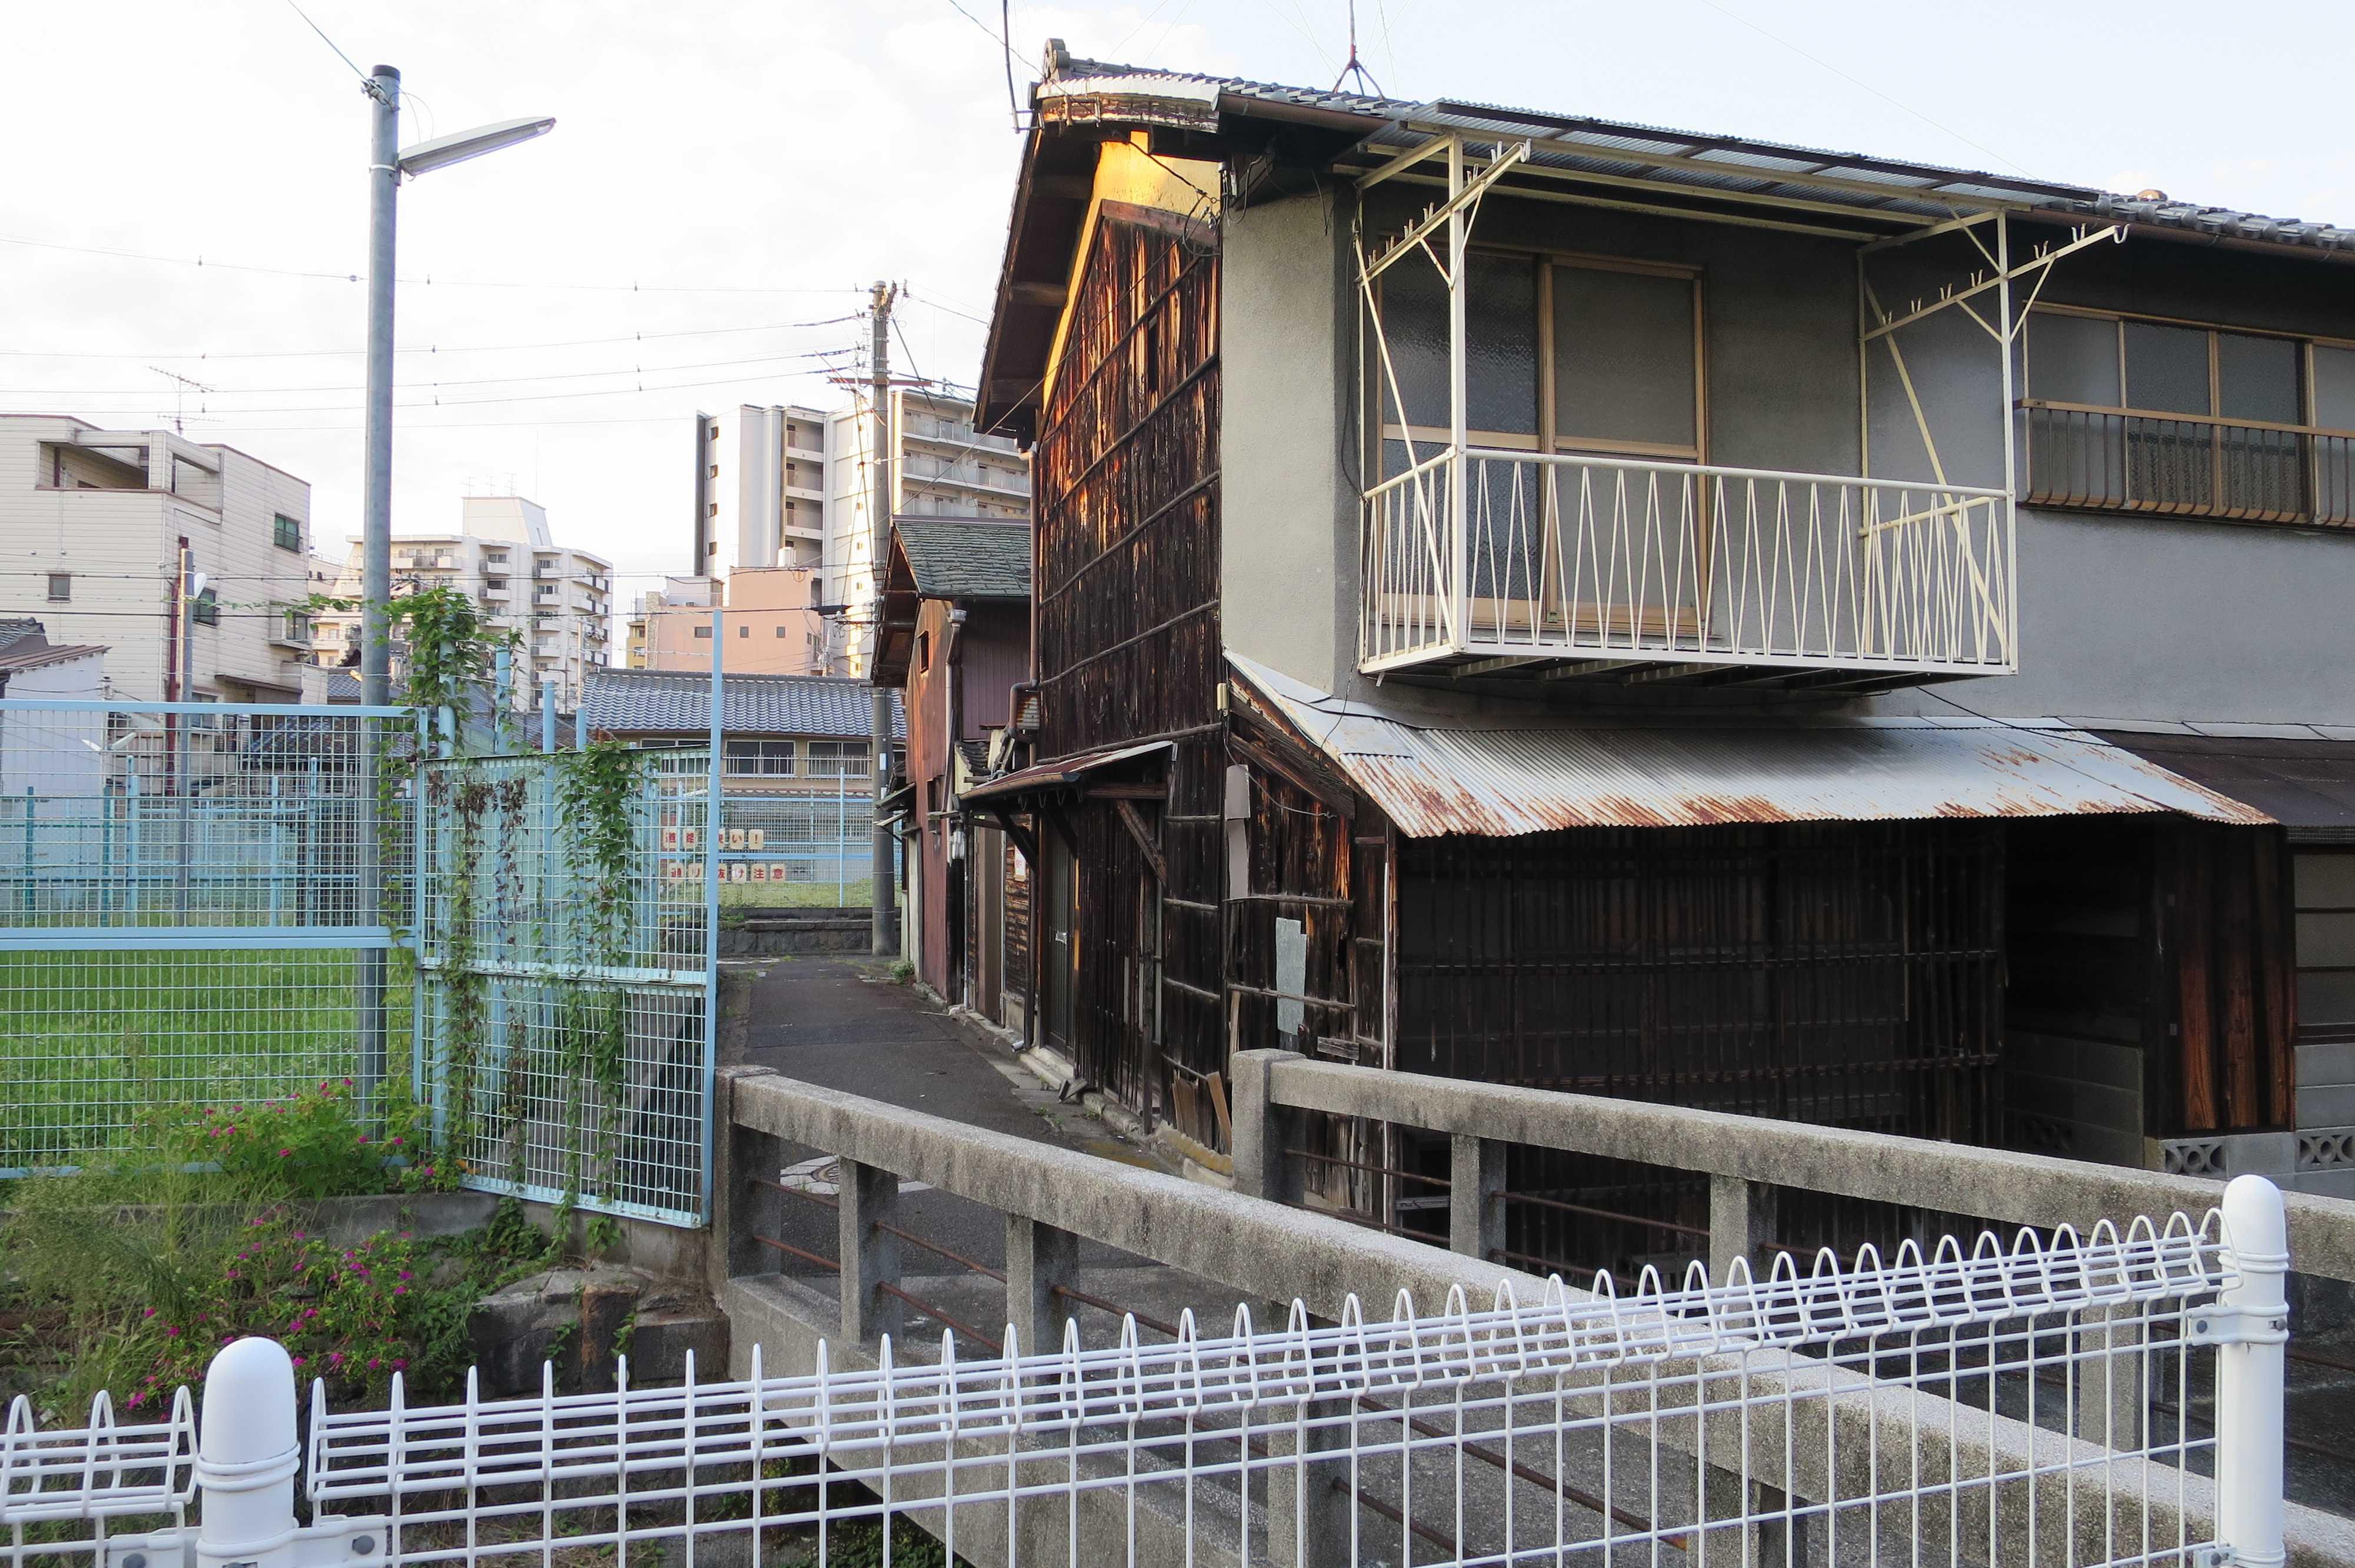 京都・崇仁地区 - 金網フェンスと夕陽に照らされた板塀